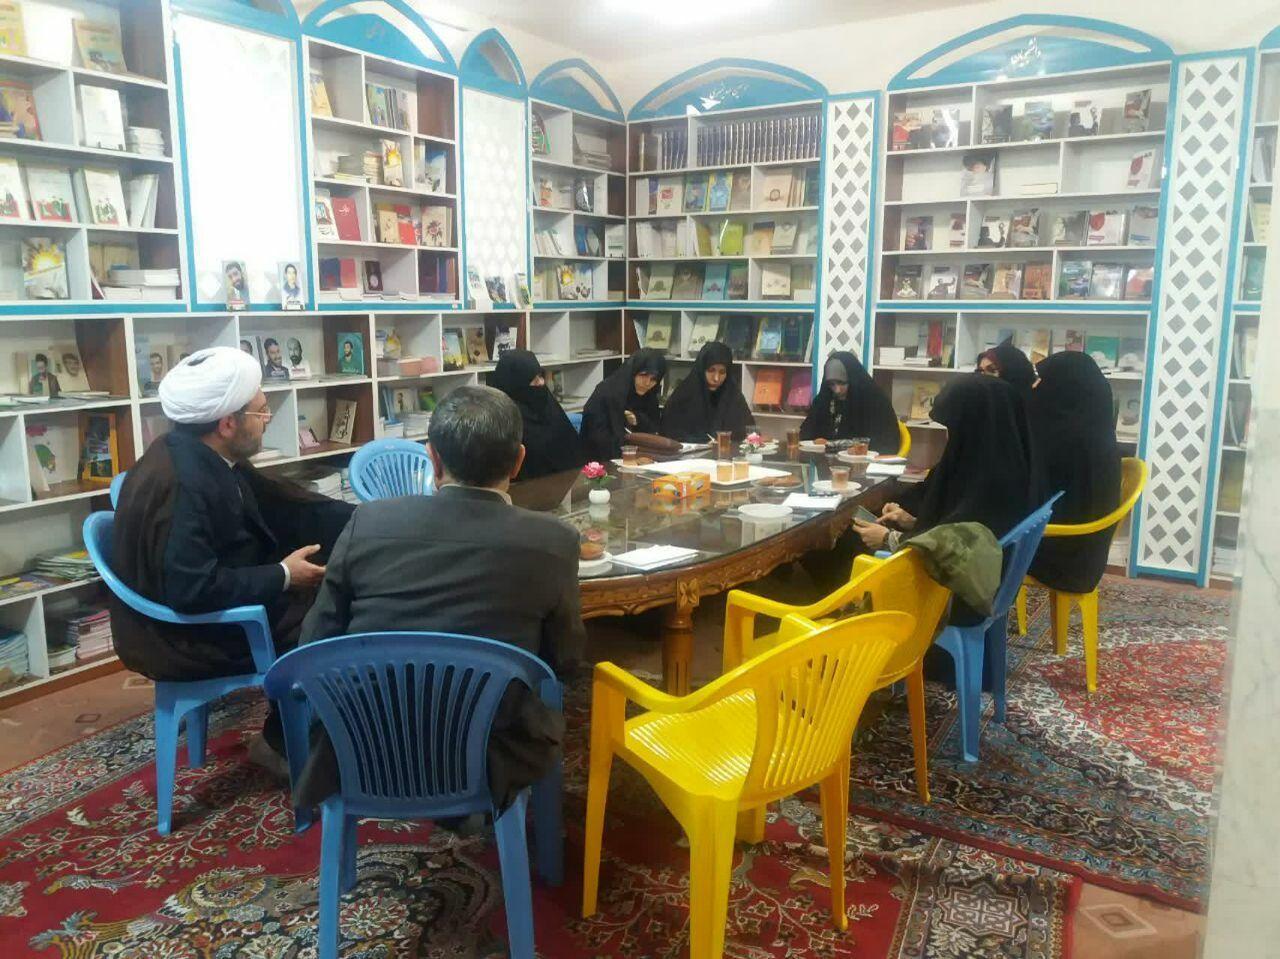 اولین جلسه هسته پژوهشی و مطالعاتی خواهران در خصوص تبیین بیانیه گام دوم انقلاب